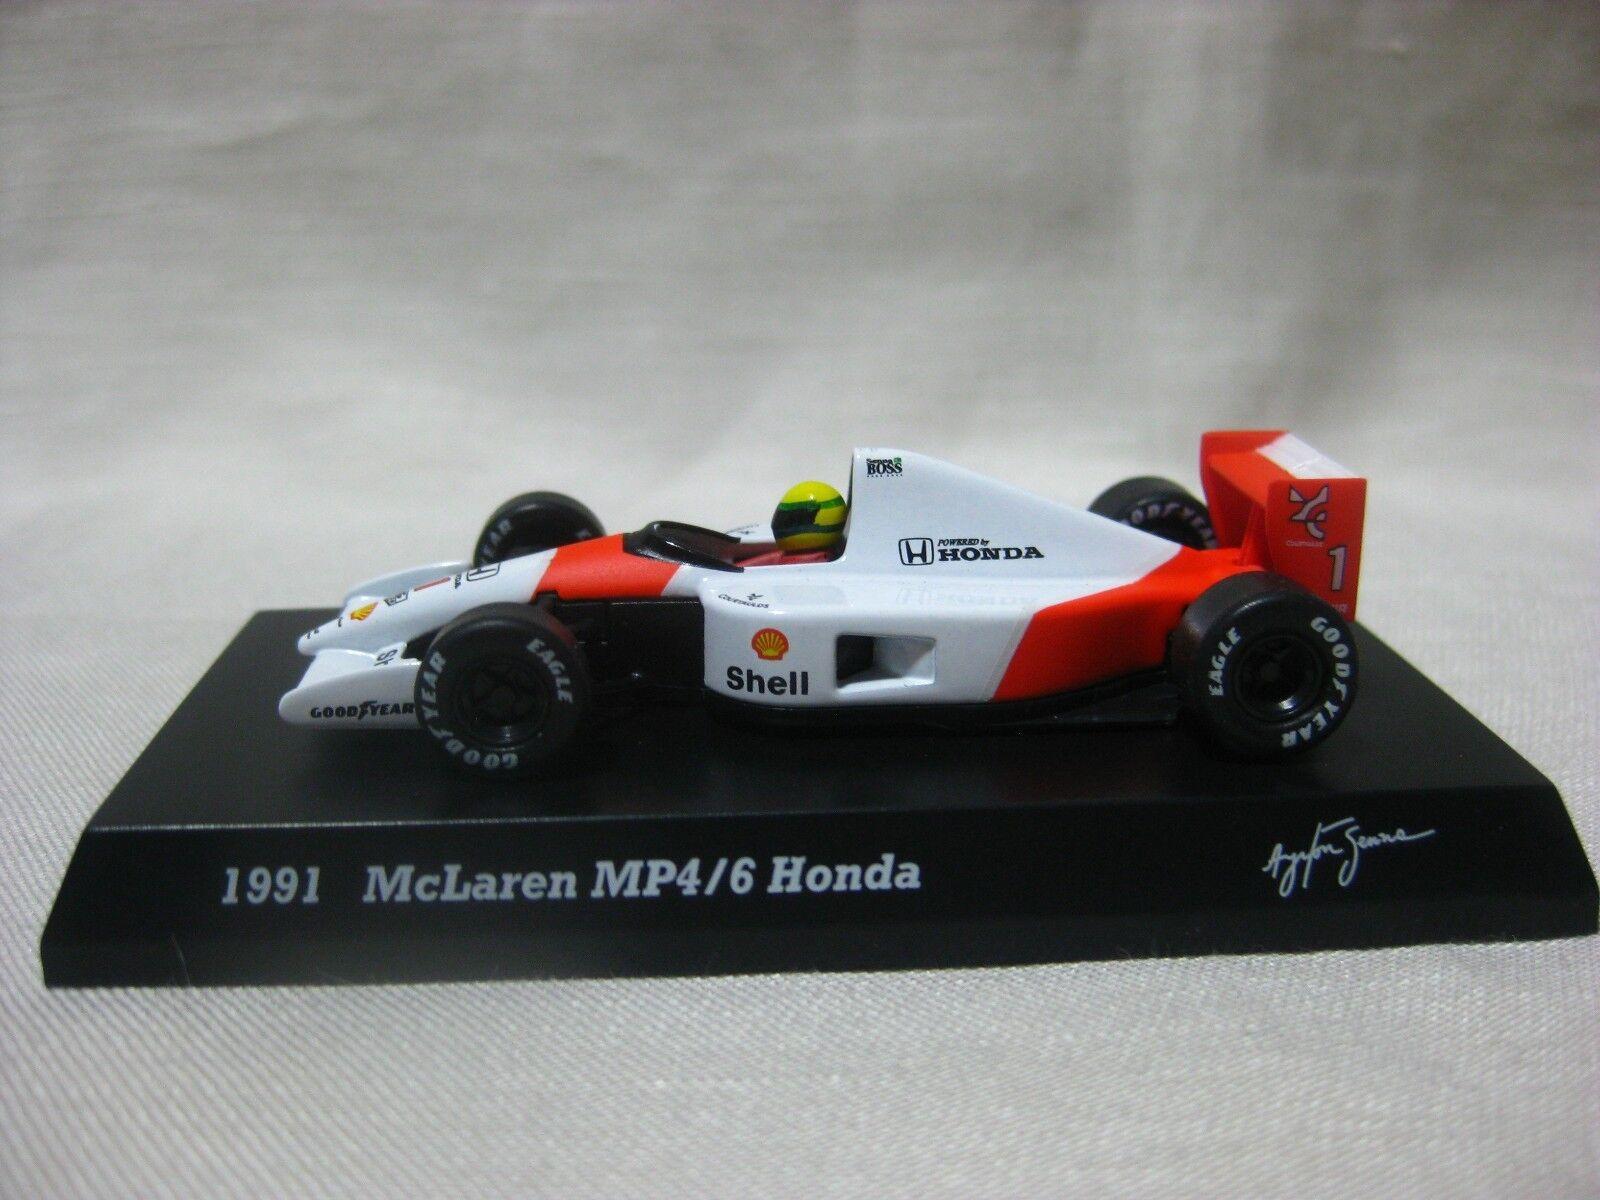 1 64 Kyosho 1991 McLaren MP4 6 Honda Diecast Modelo de Coche